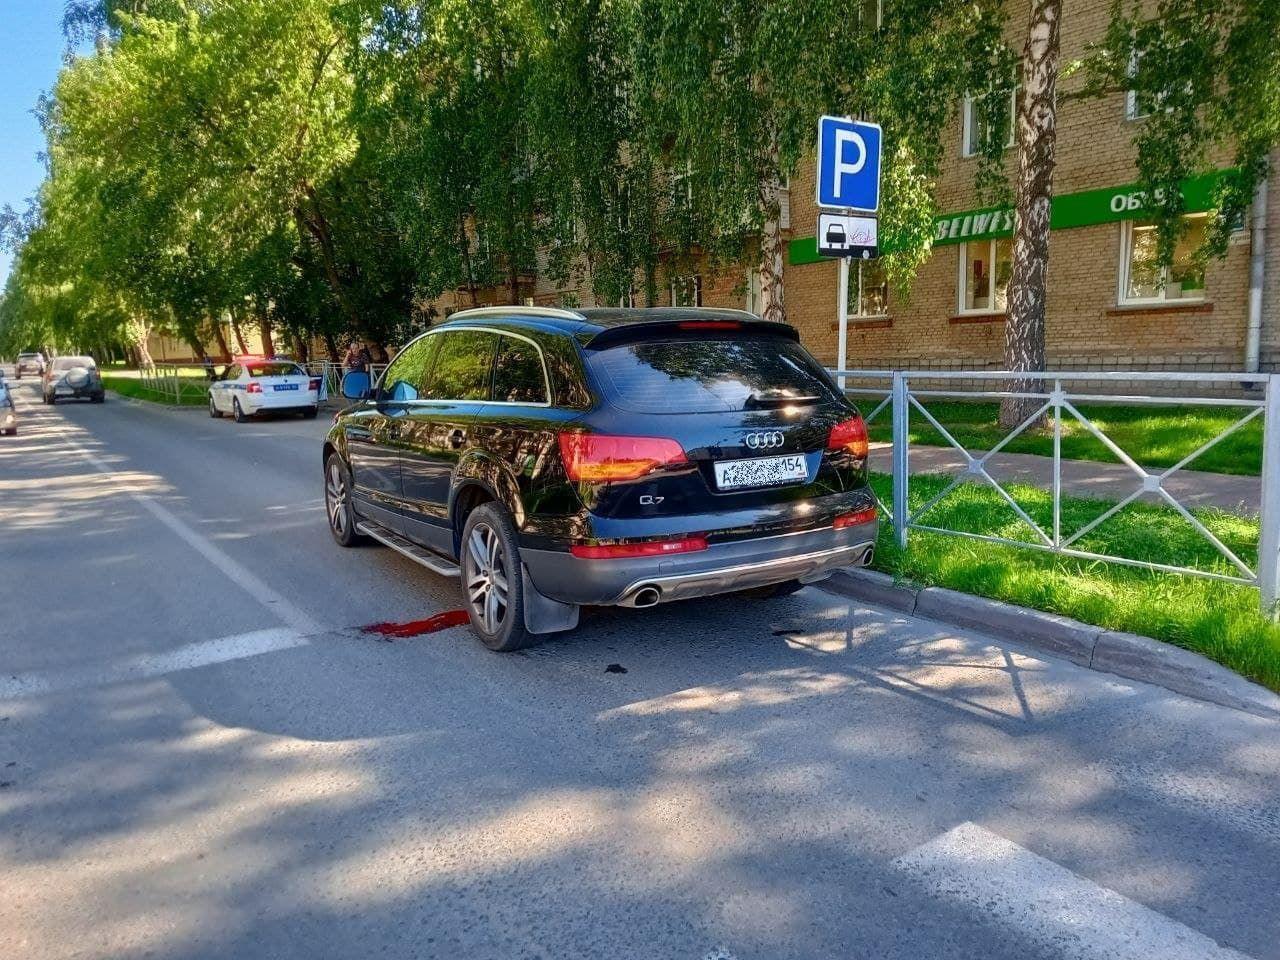 фото Смертельные ДТП, закрытие газовых заправок и изображение Новосибирска на денежных купюрах: итоги недели на Сиб.фм 10